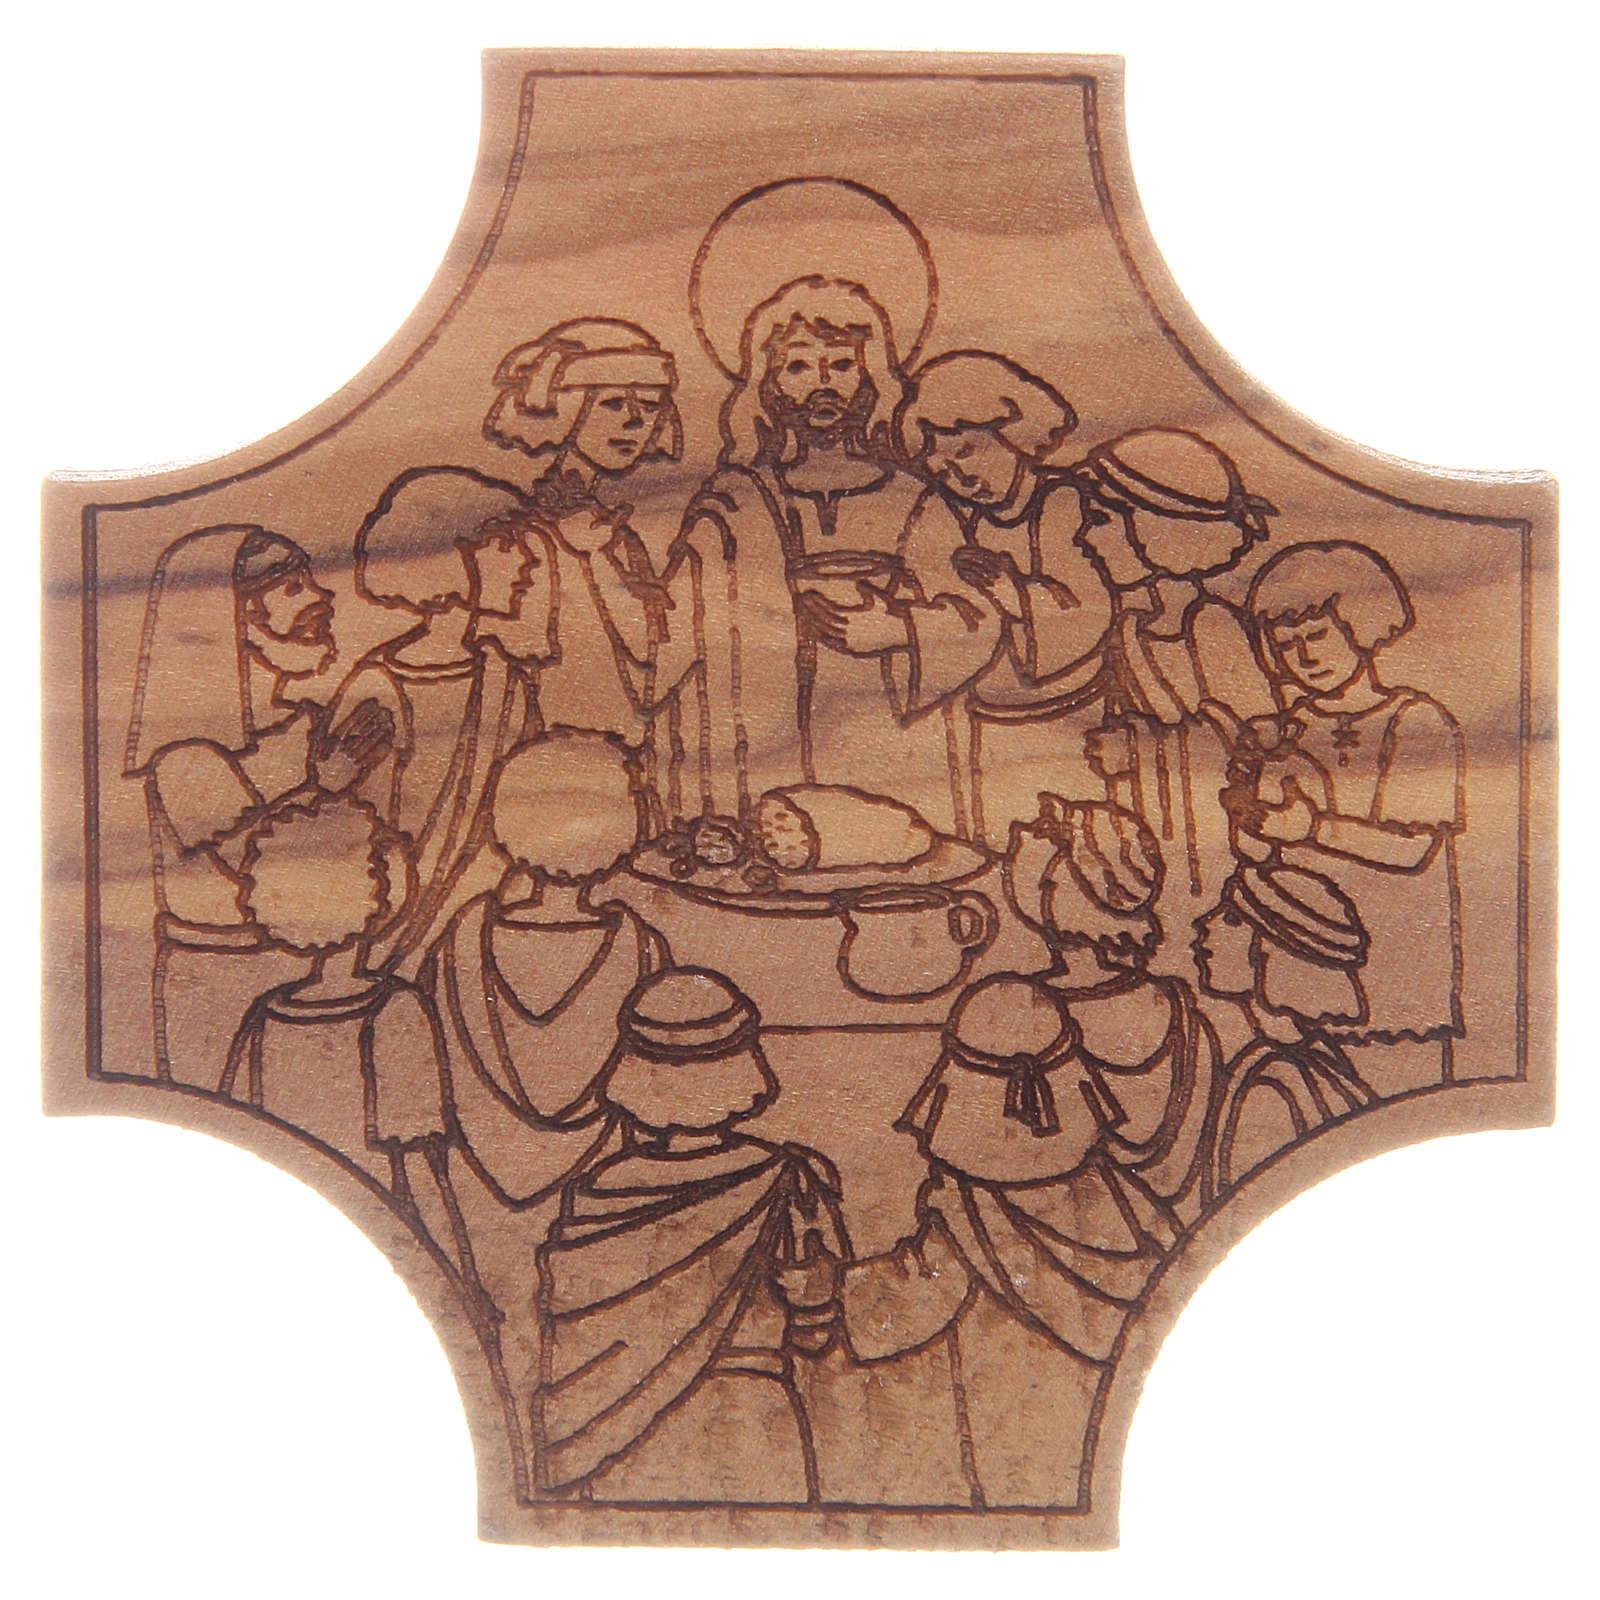 STOCK Croce in ulivo Ultima Cena incisione 6x6 cm 4